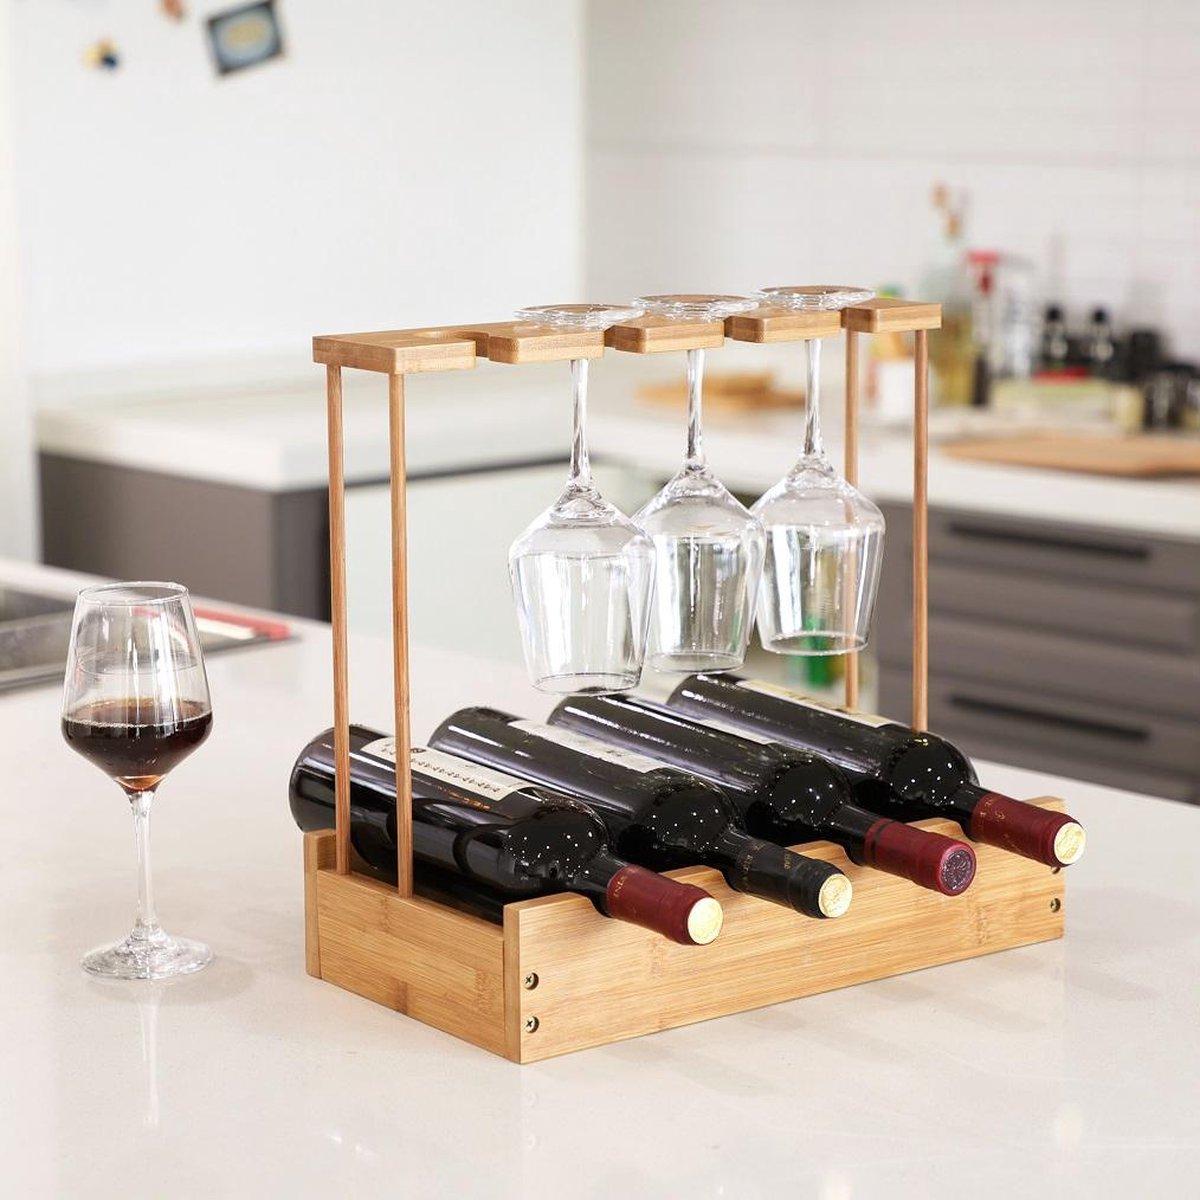 Decopatent® Wijnrek voor 4 flessen wijn en 4 wijnglazen - Bamboe - Hout - Design wijnrek - Wijnflessenrek - Flessenrek met wijnglashouder